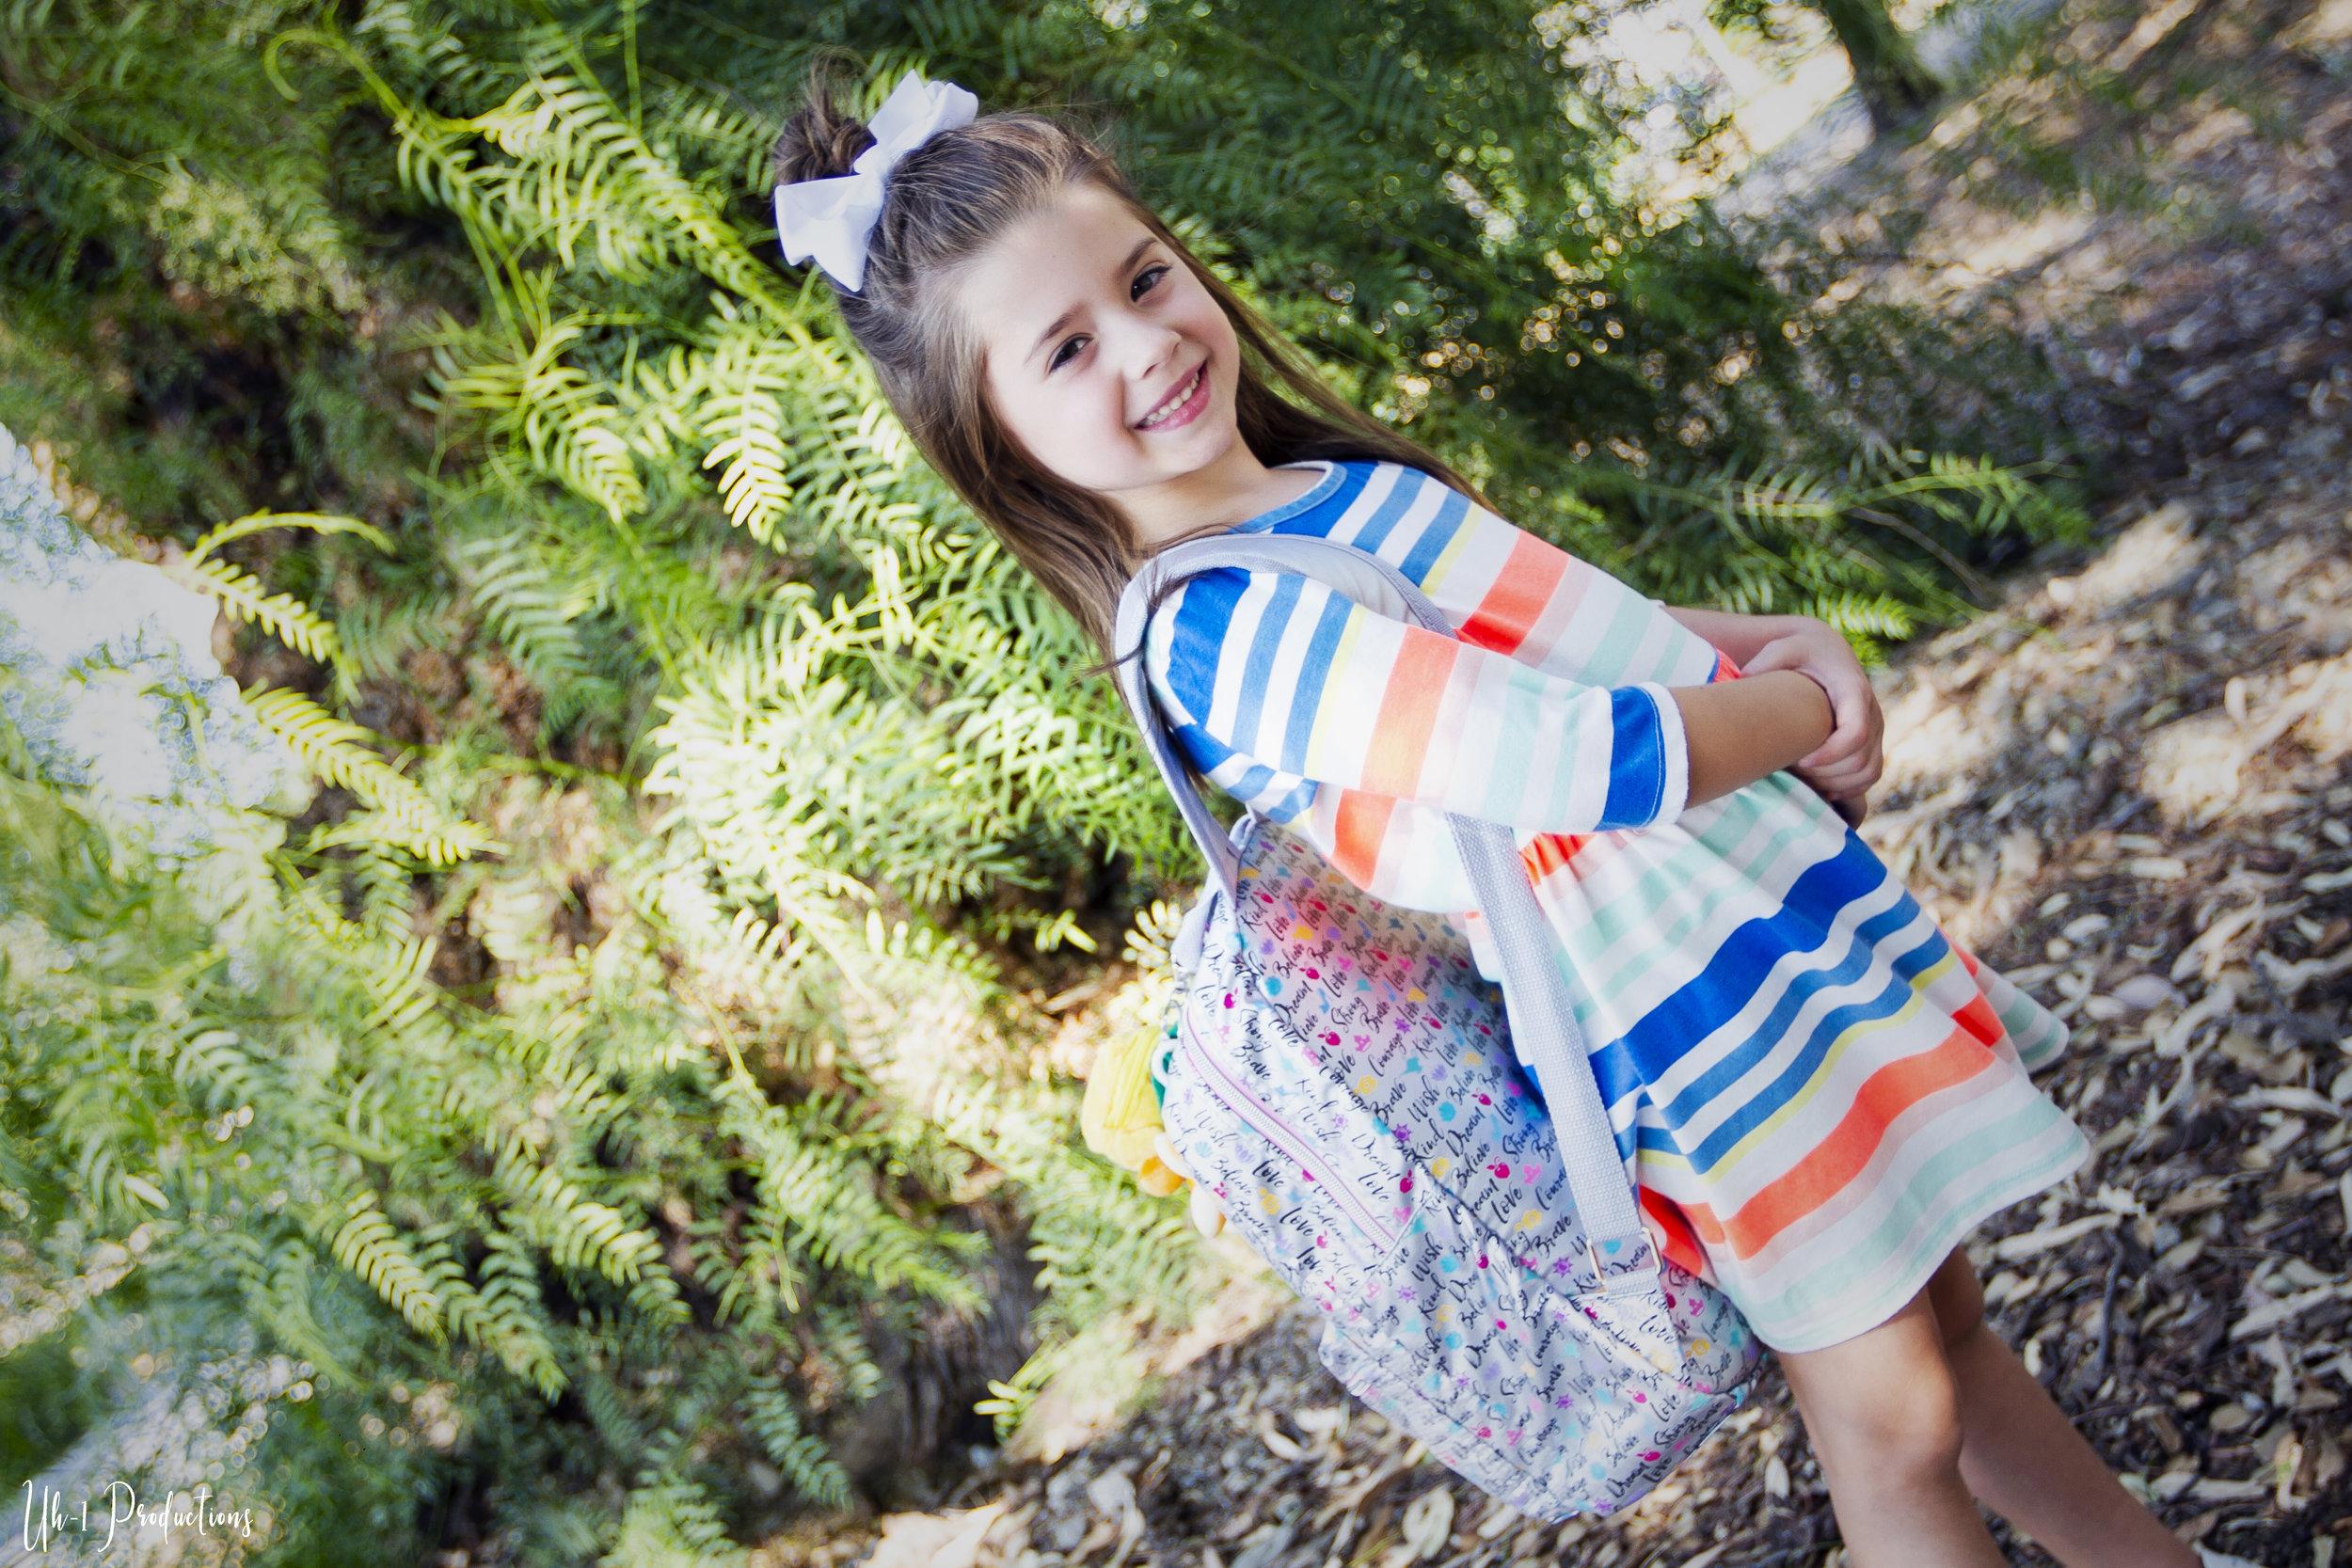 SophiaWM4165.jpg